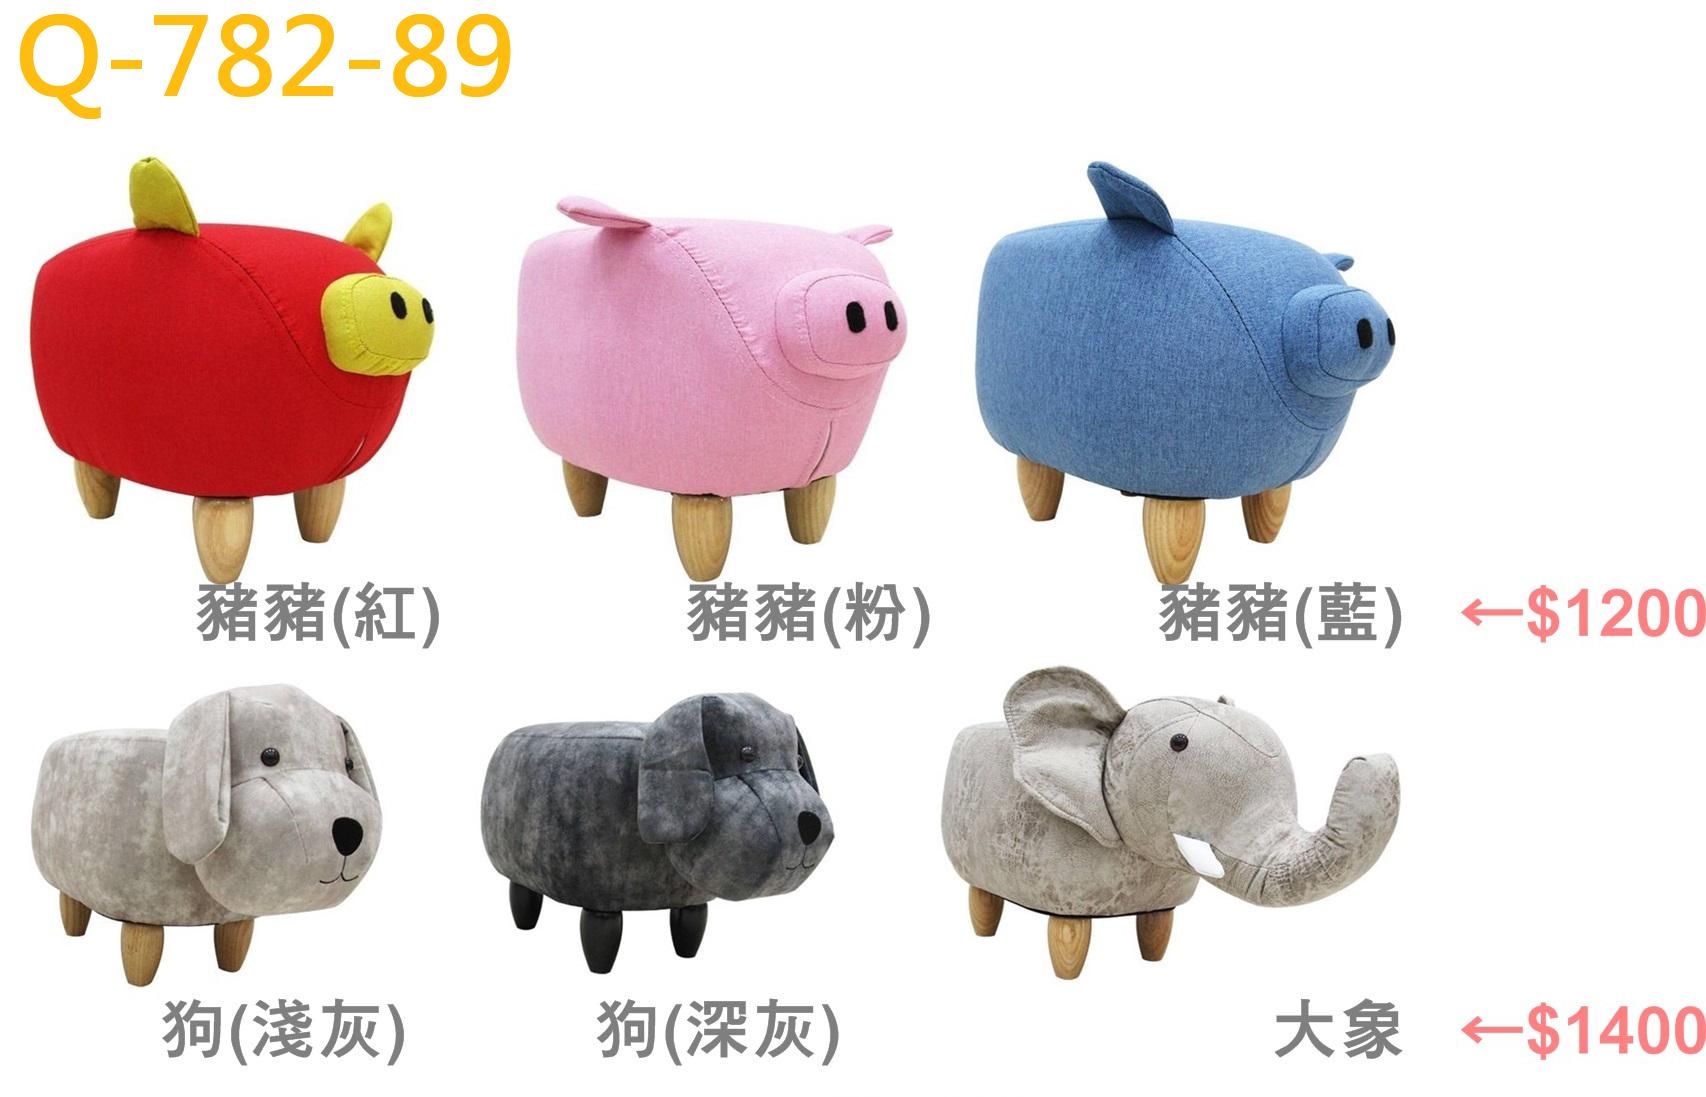 【尚品傢俱】※自運價※Q-782-89 動物造型椅凳~有豬/狗/大象造型~